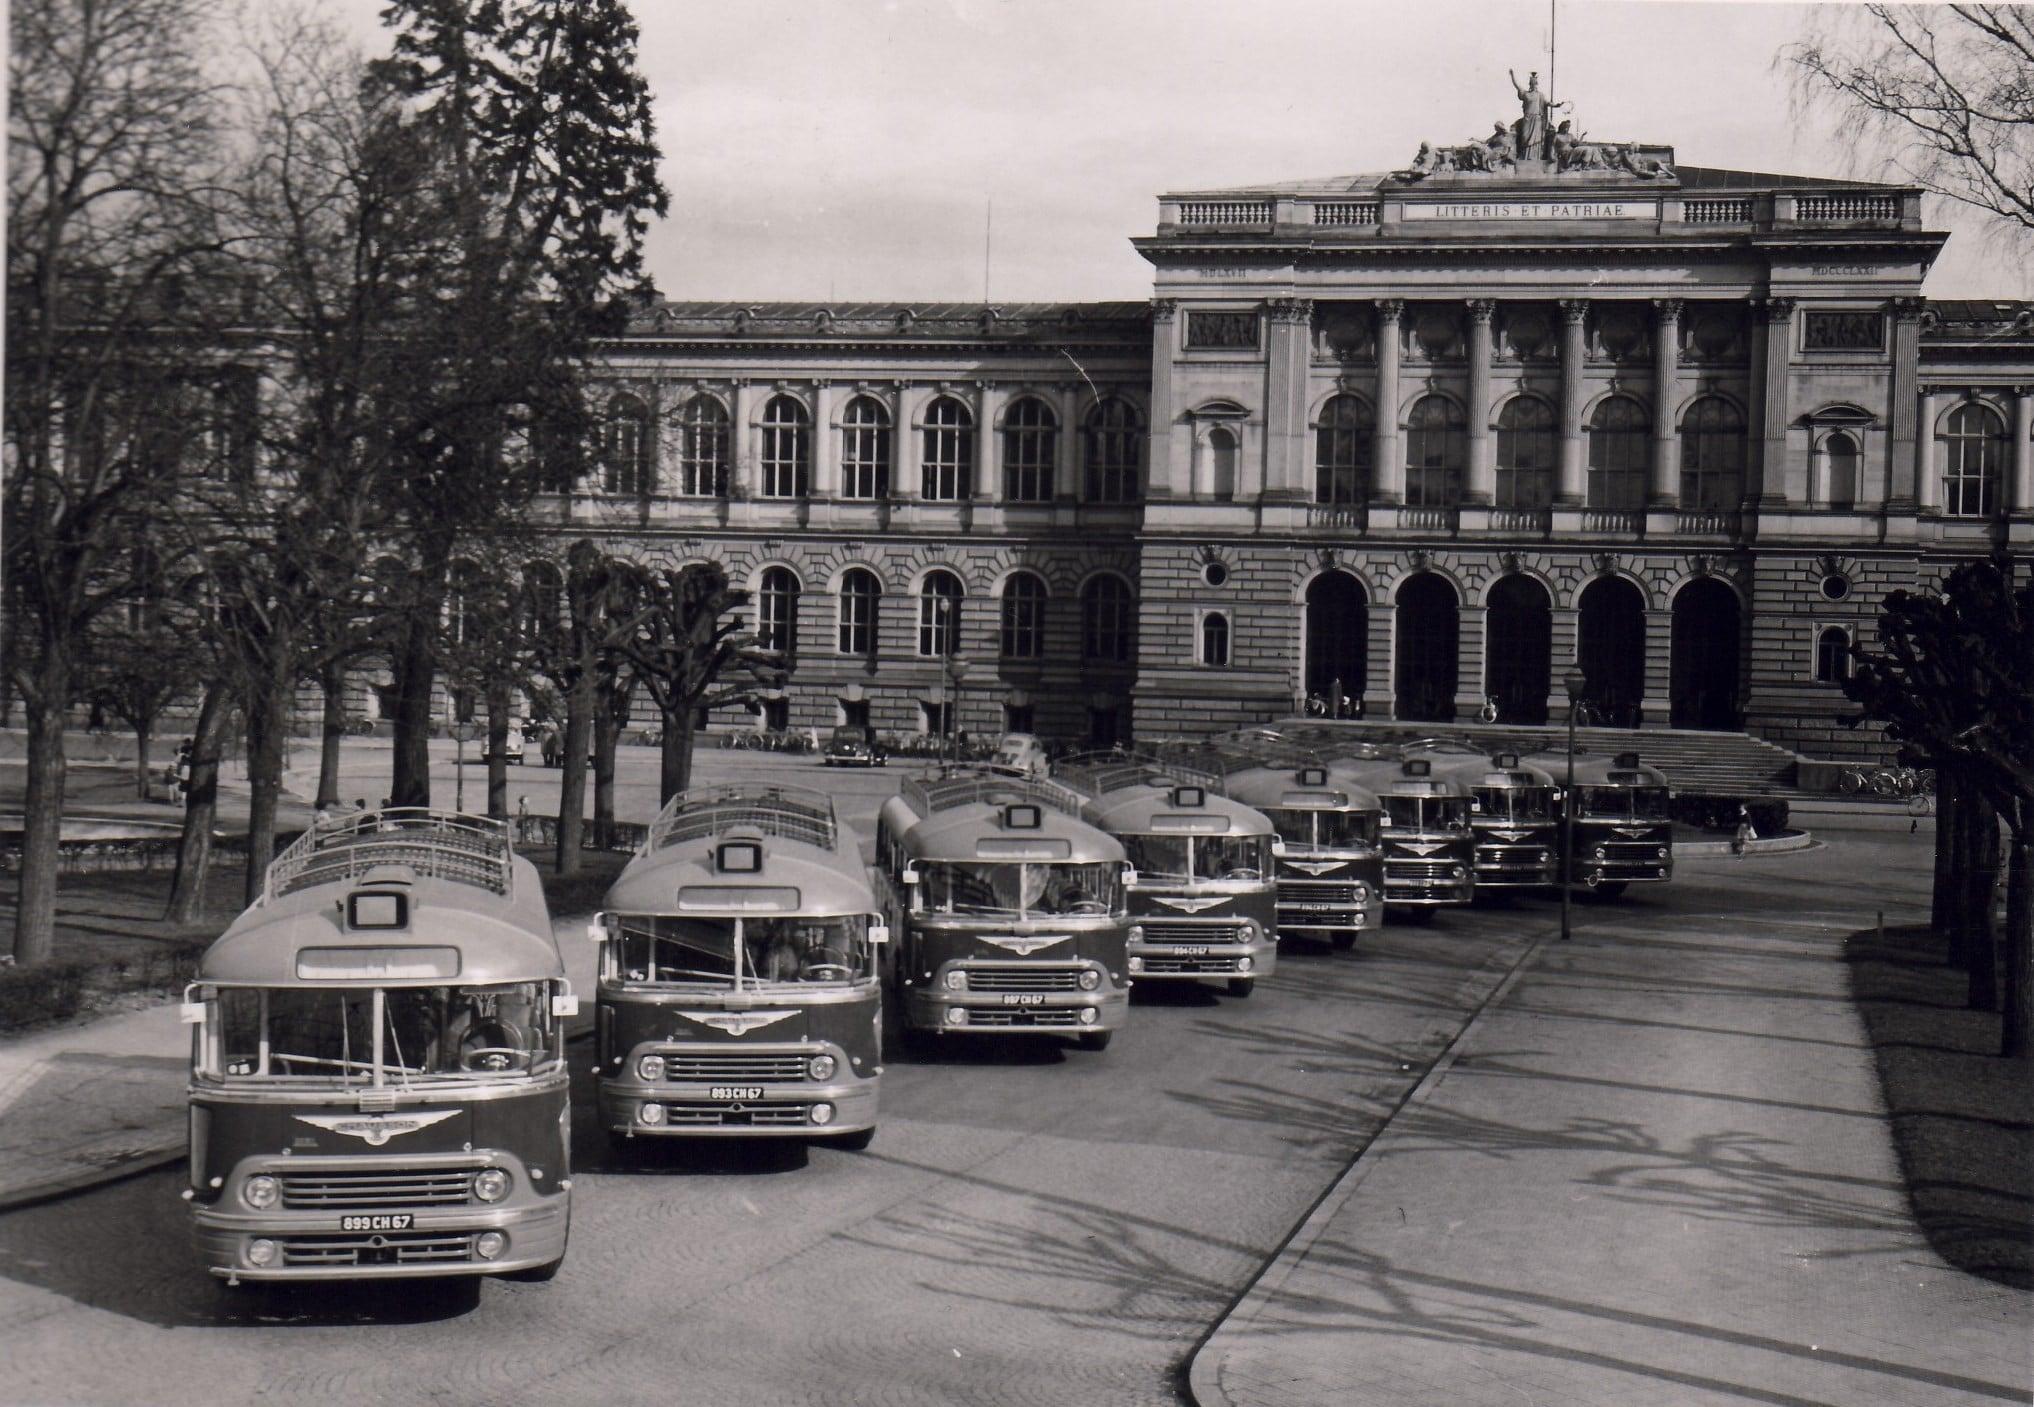 Chausson--Straatsburg-voor-het-Palais-Universitaire-Marc-Bloch-in-1955